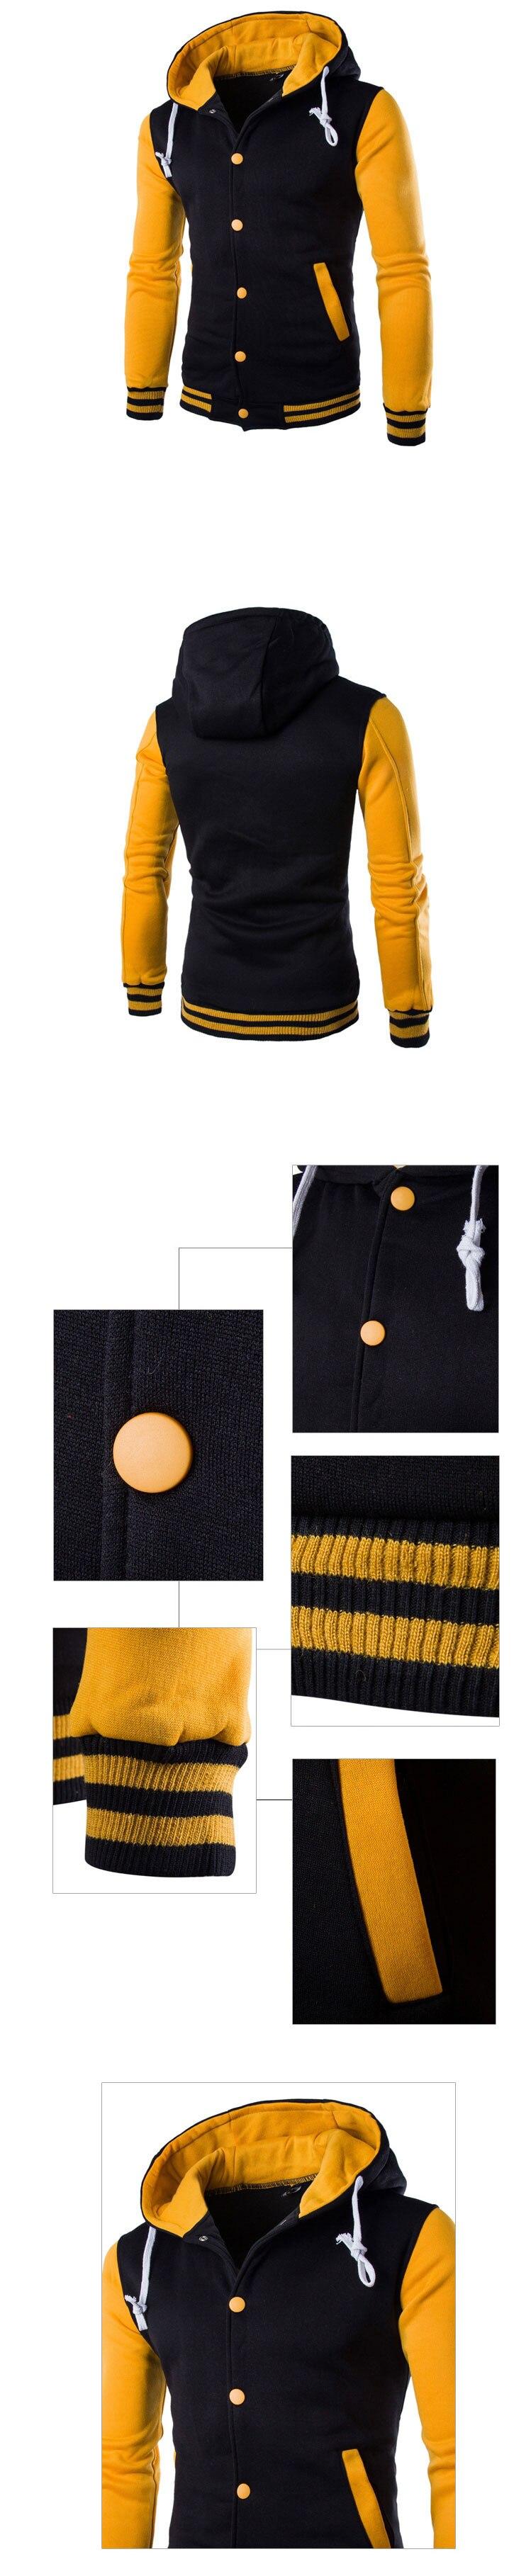 Mens Hoodie Baseball Jacket Men 2018 Fashion Design Black Mens Slim Fit Varsity Jacket Brand Stylish College Jacekt Veste Homme